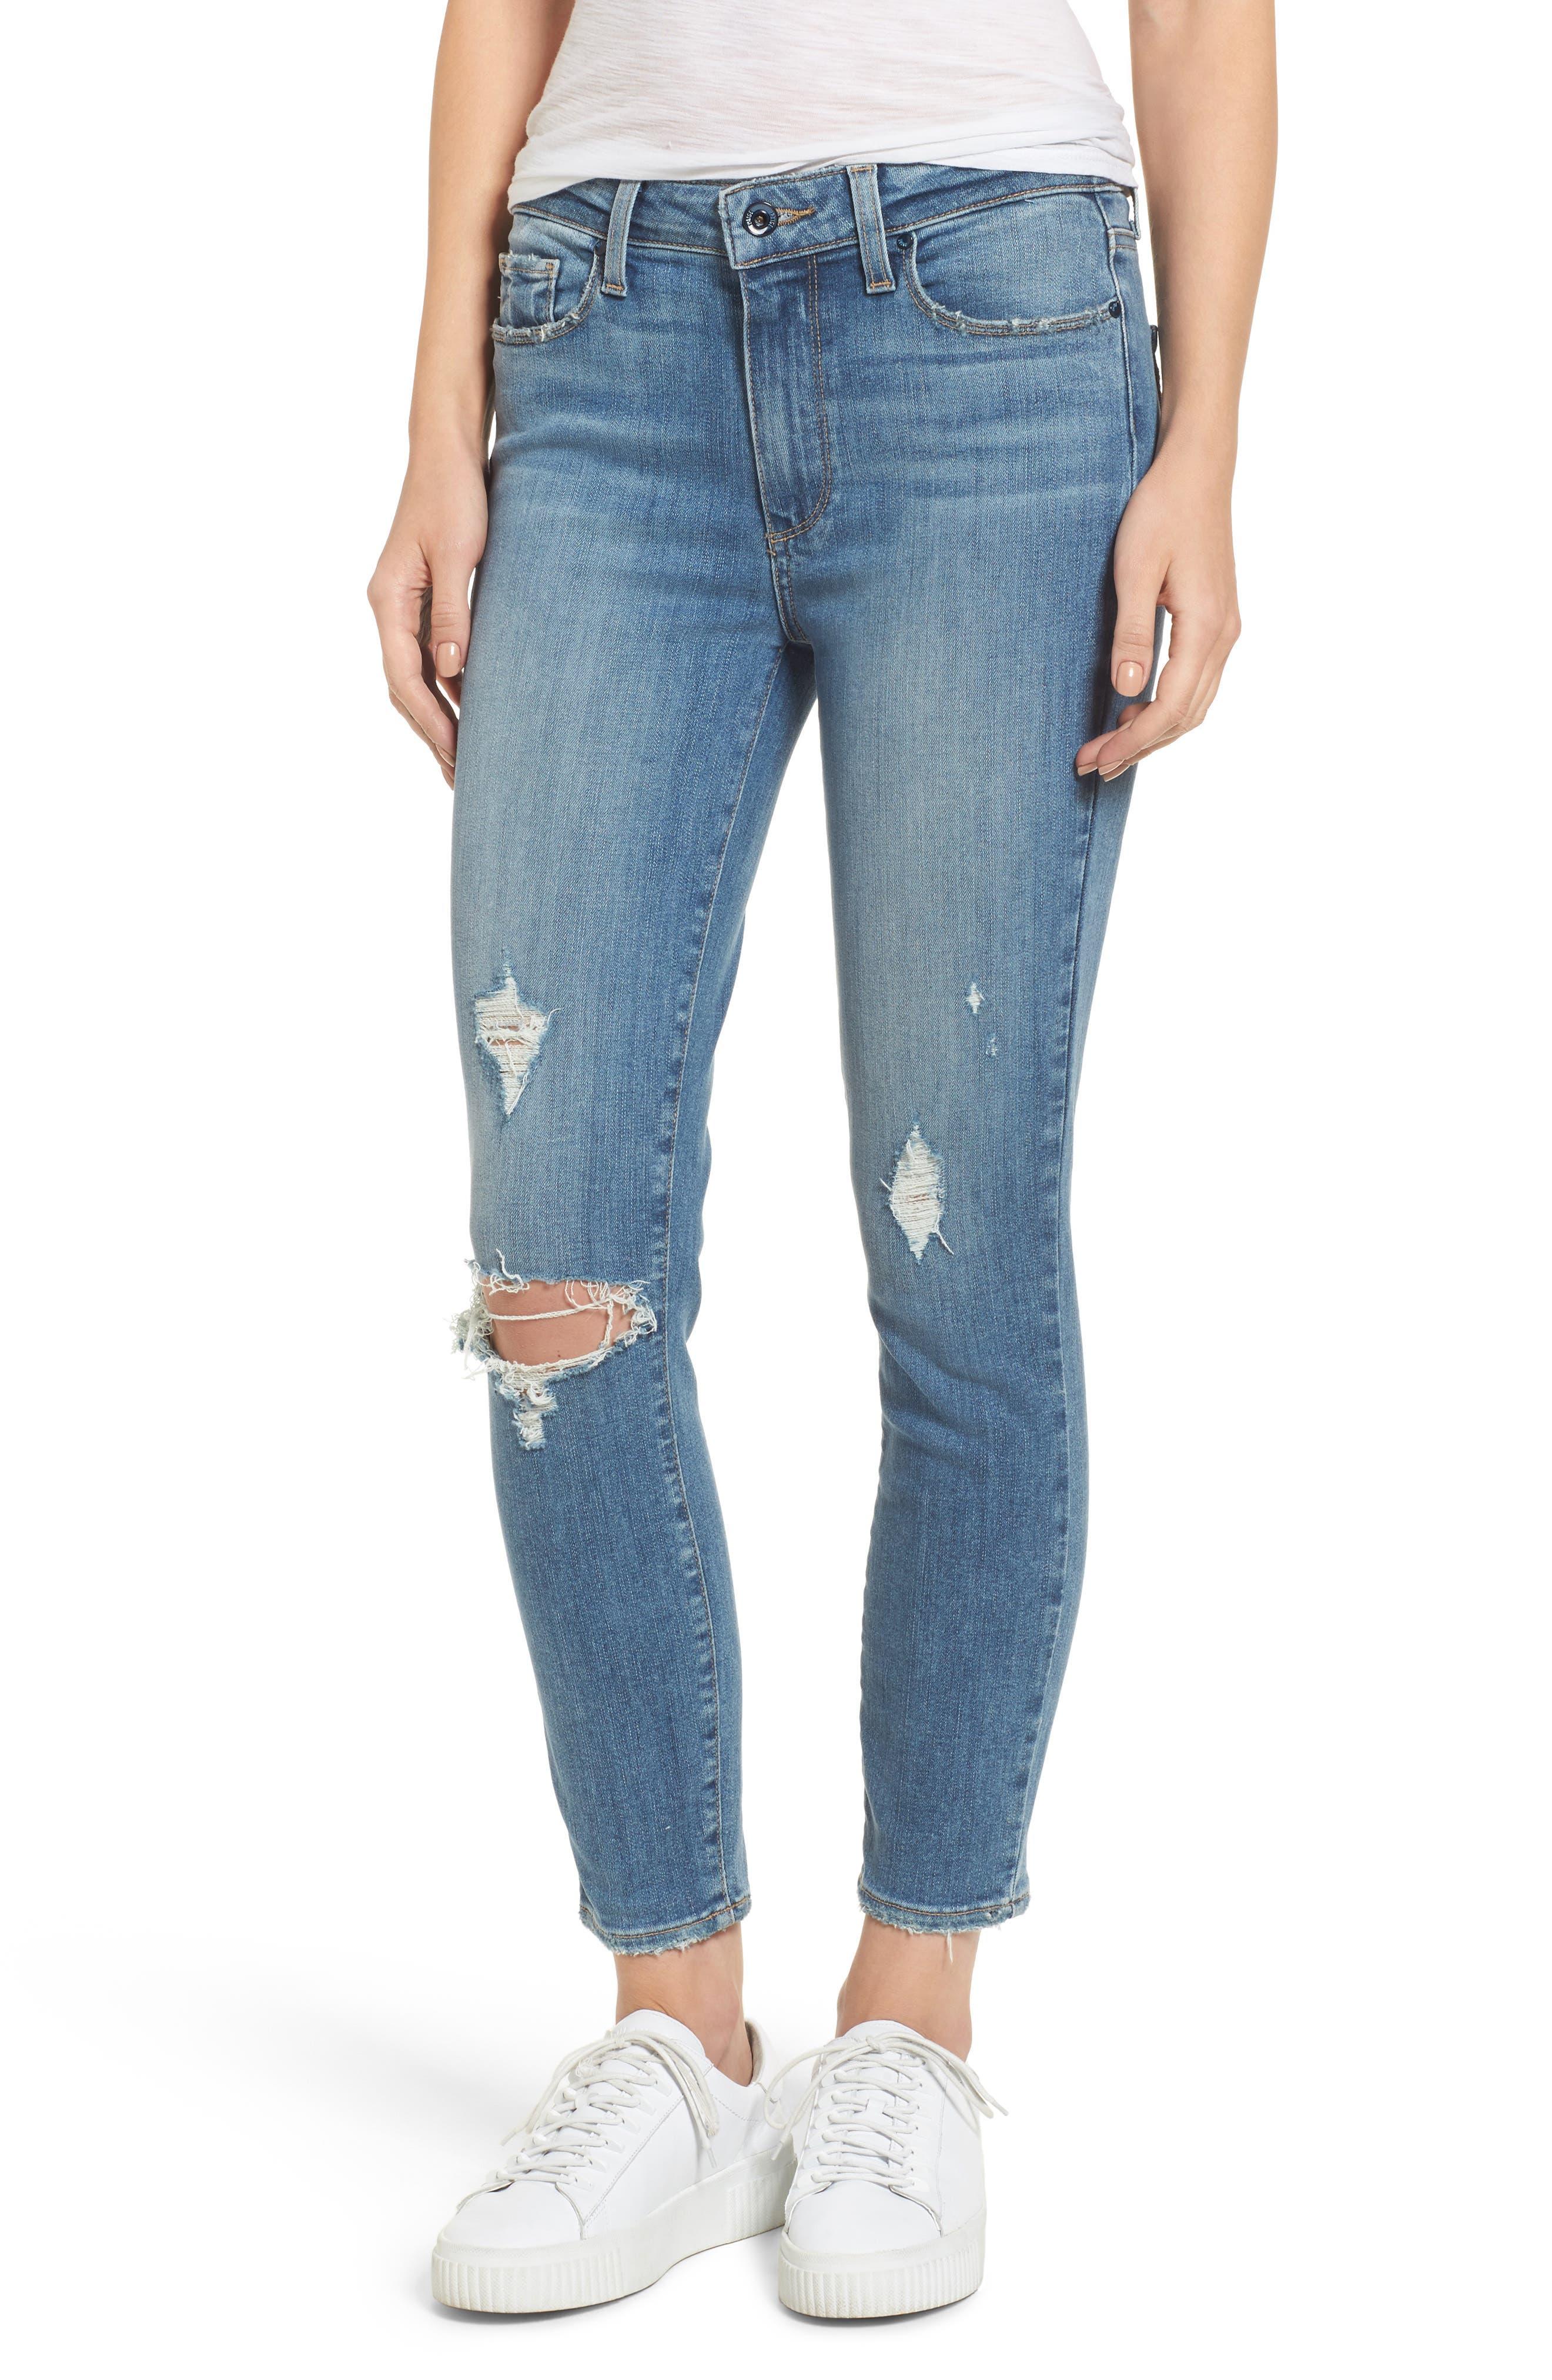 Transcend Vintage - Hoxton High Waist Crop Jeans,                         Main,                         color, 400